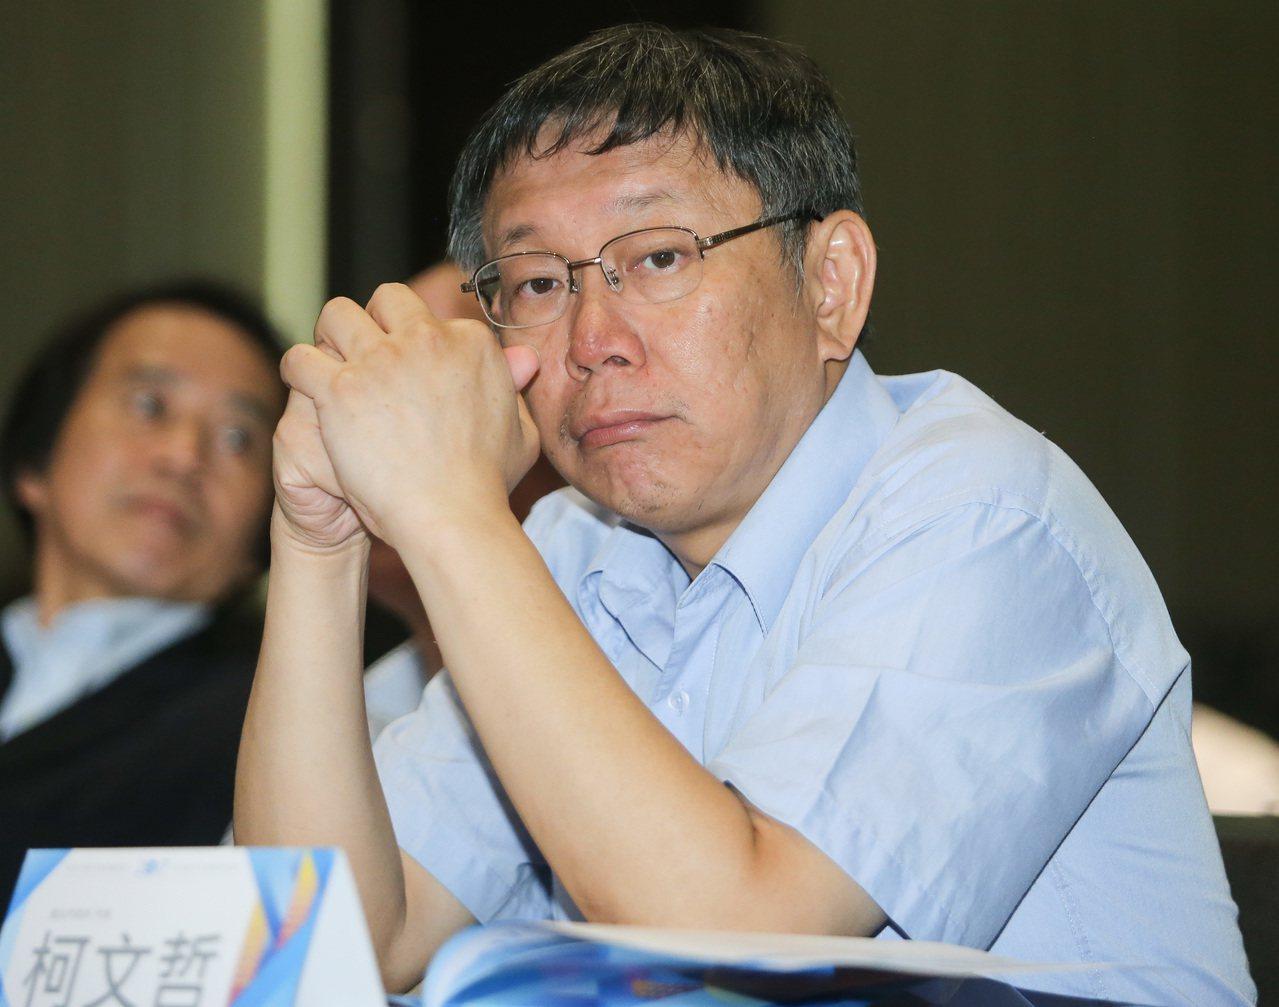 倫敦金融時報報導,台北市長柯文哲曾稱呼反年金改革抗議人士是「王X蛋」,並以「夫妻...